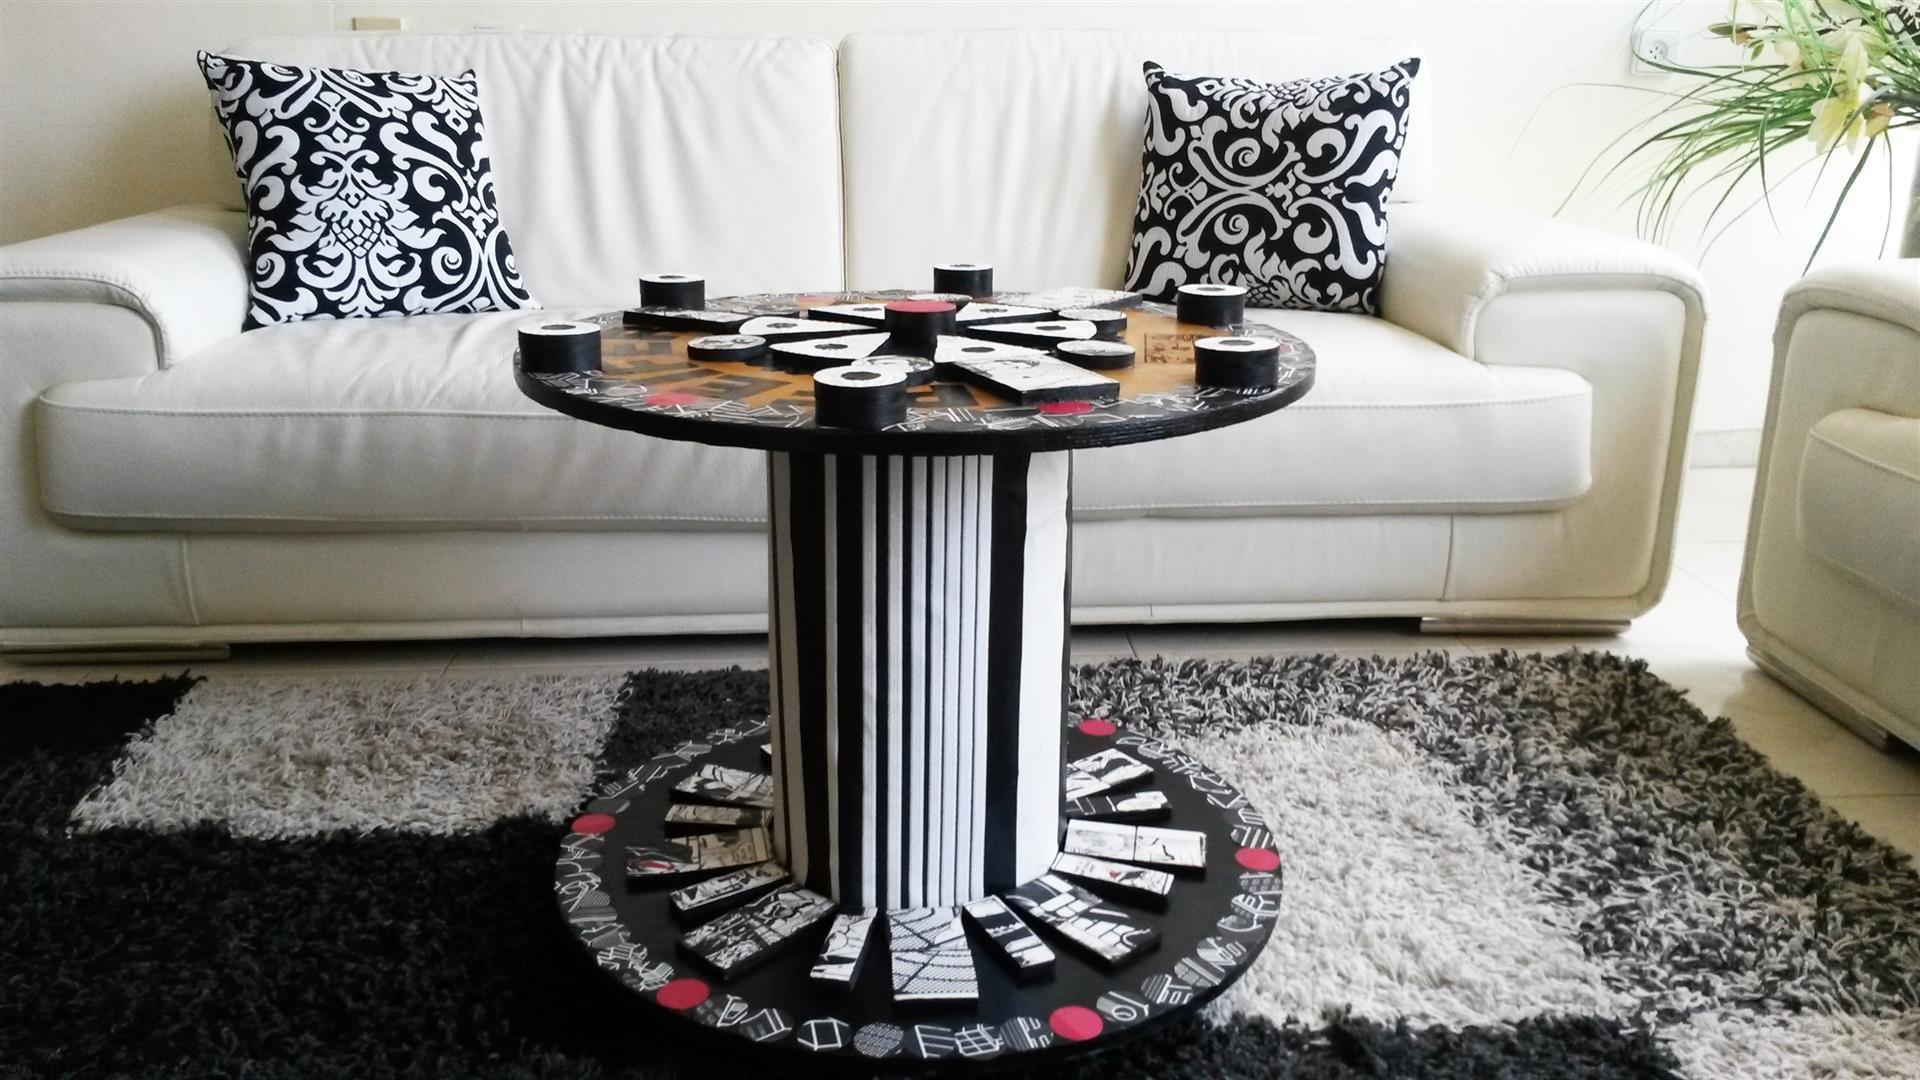 אמנות אקולוגית מחידוש גלגל עץ ישן ושאריות חלקי עץ וניירכה לשולחן מעוצב בסגנון פופ ארט